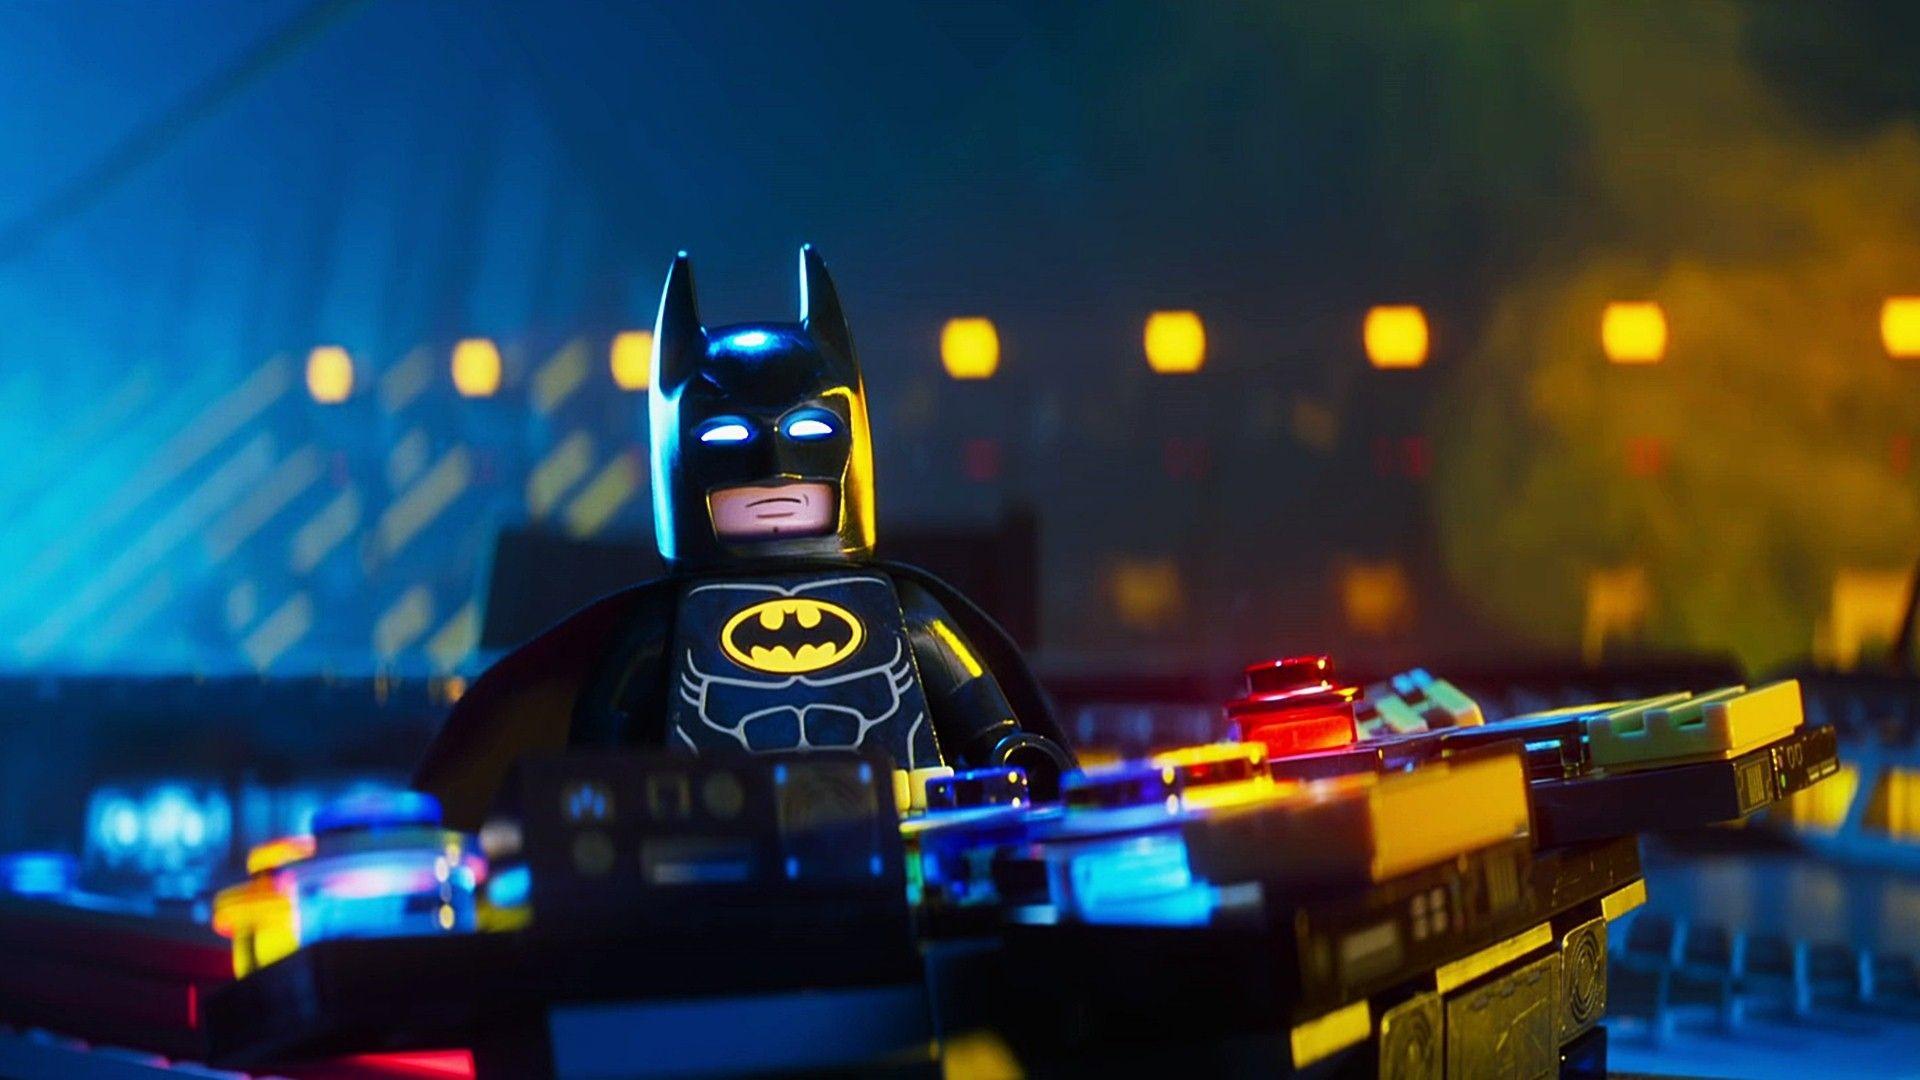 Lego Batman Wallpaper 81 Images